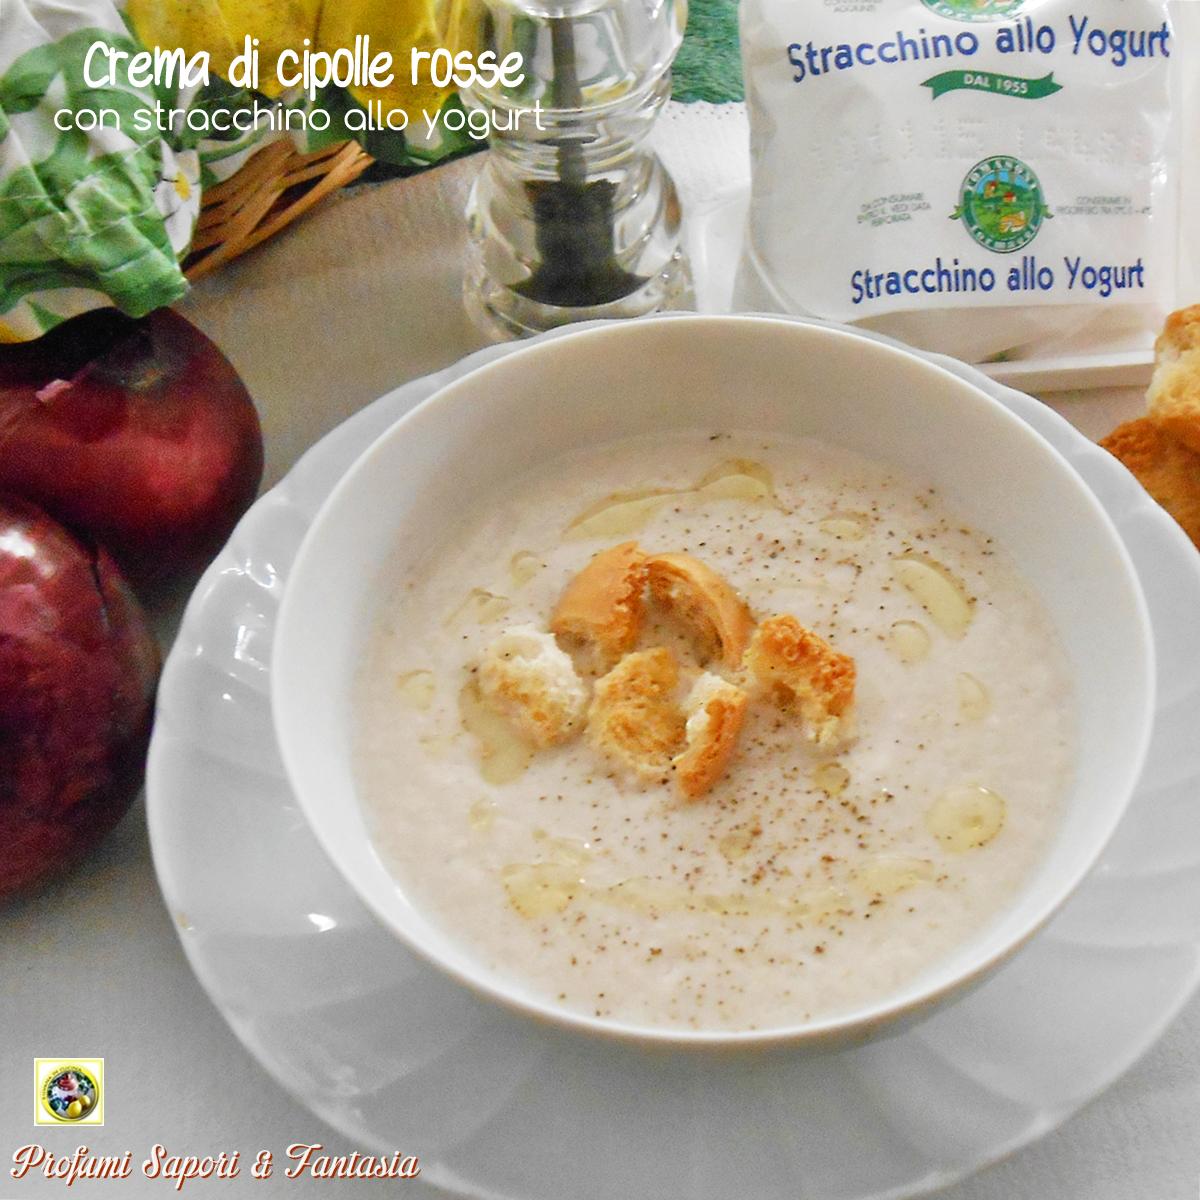 Crema di cipolle rosse con stracchino allo yogurt